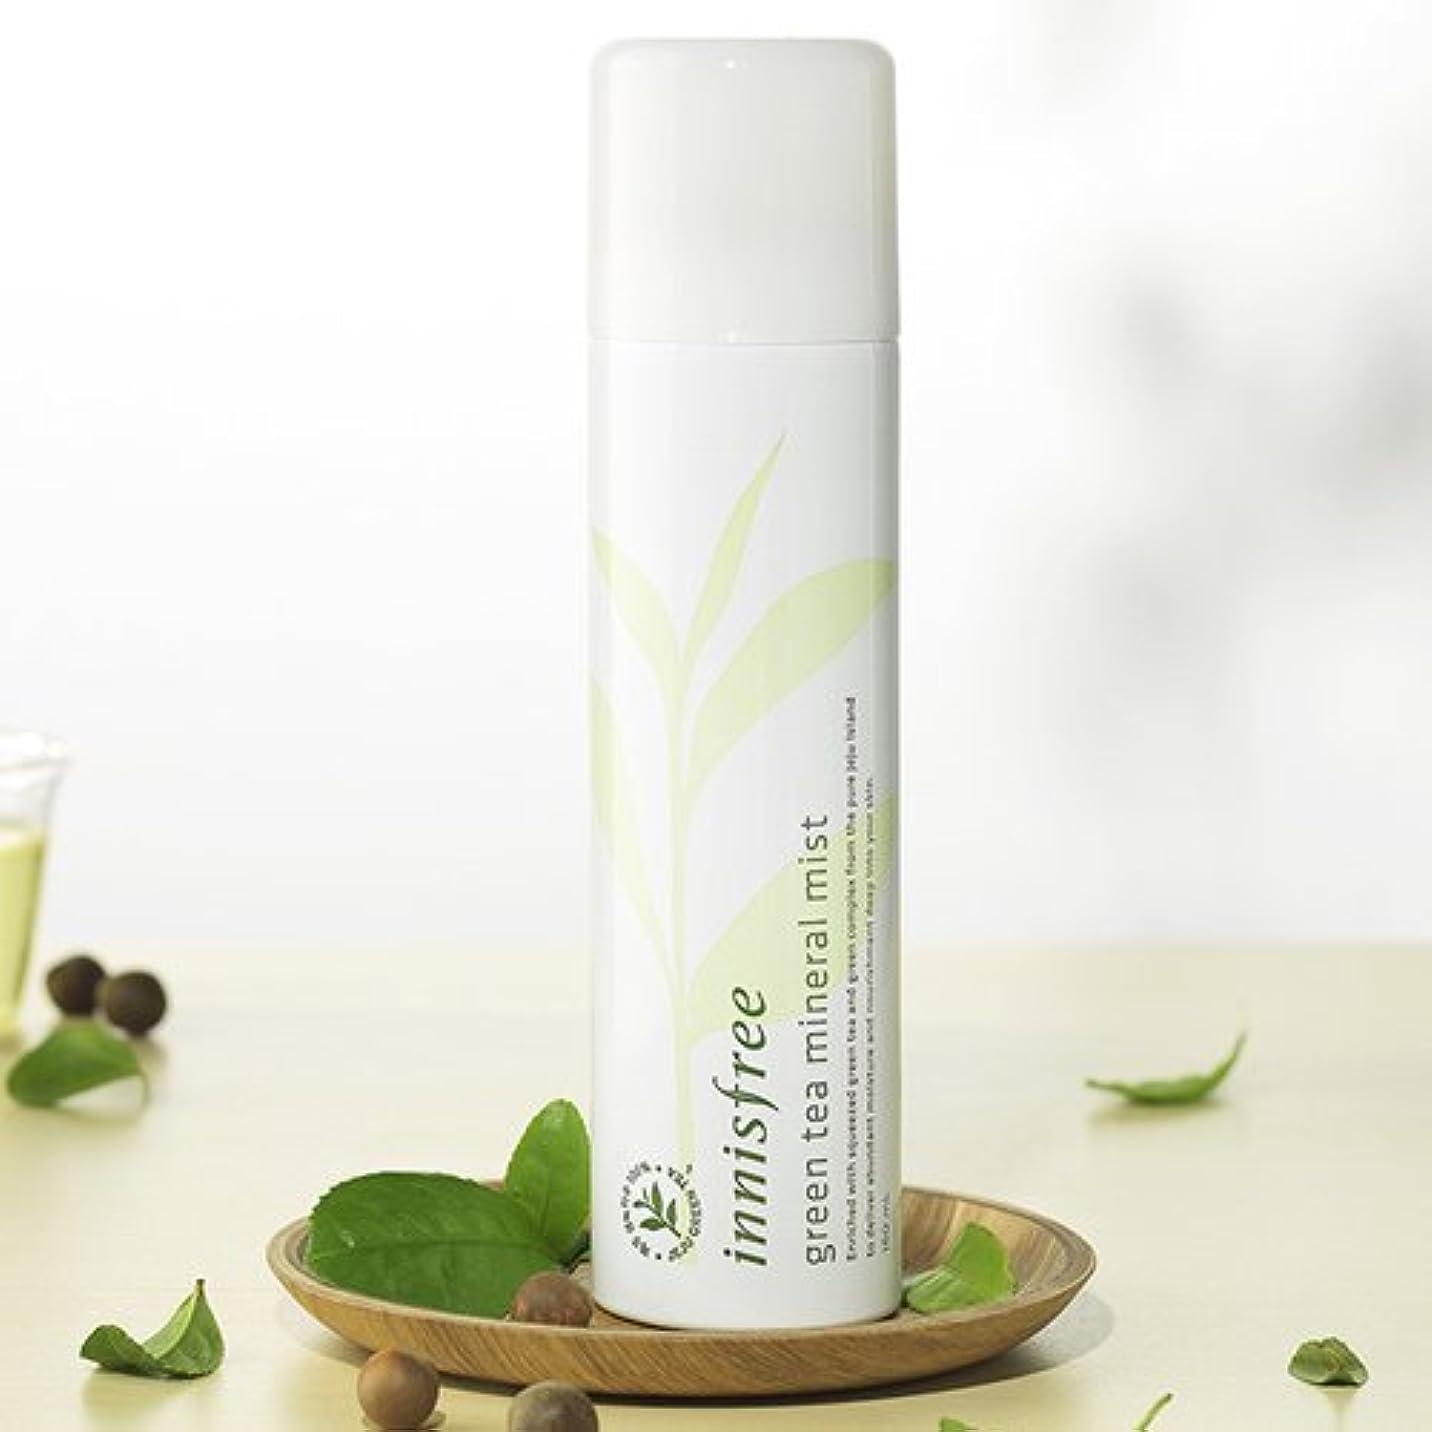 広大なジャーナル滝[INNISFREE]イニスフリー緑茶ミネラルミスト150ml green tea mineral mist 150ml [並行輸入品]